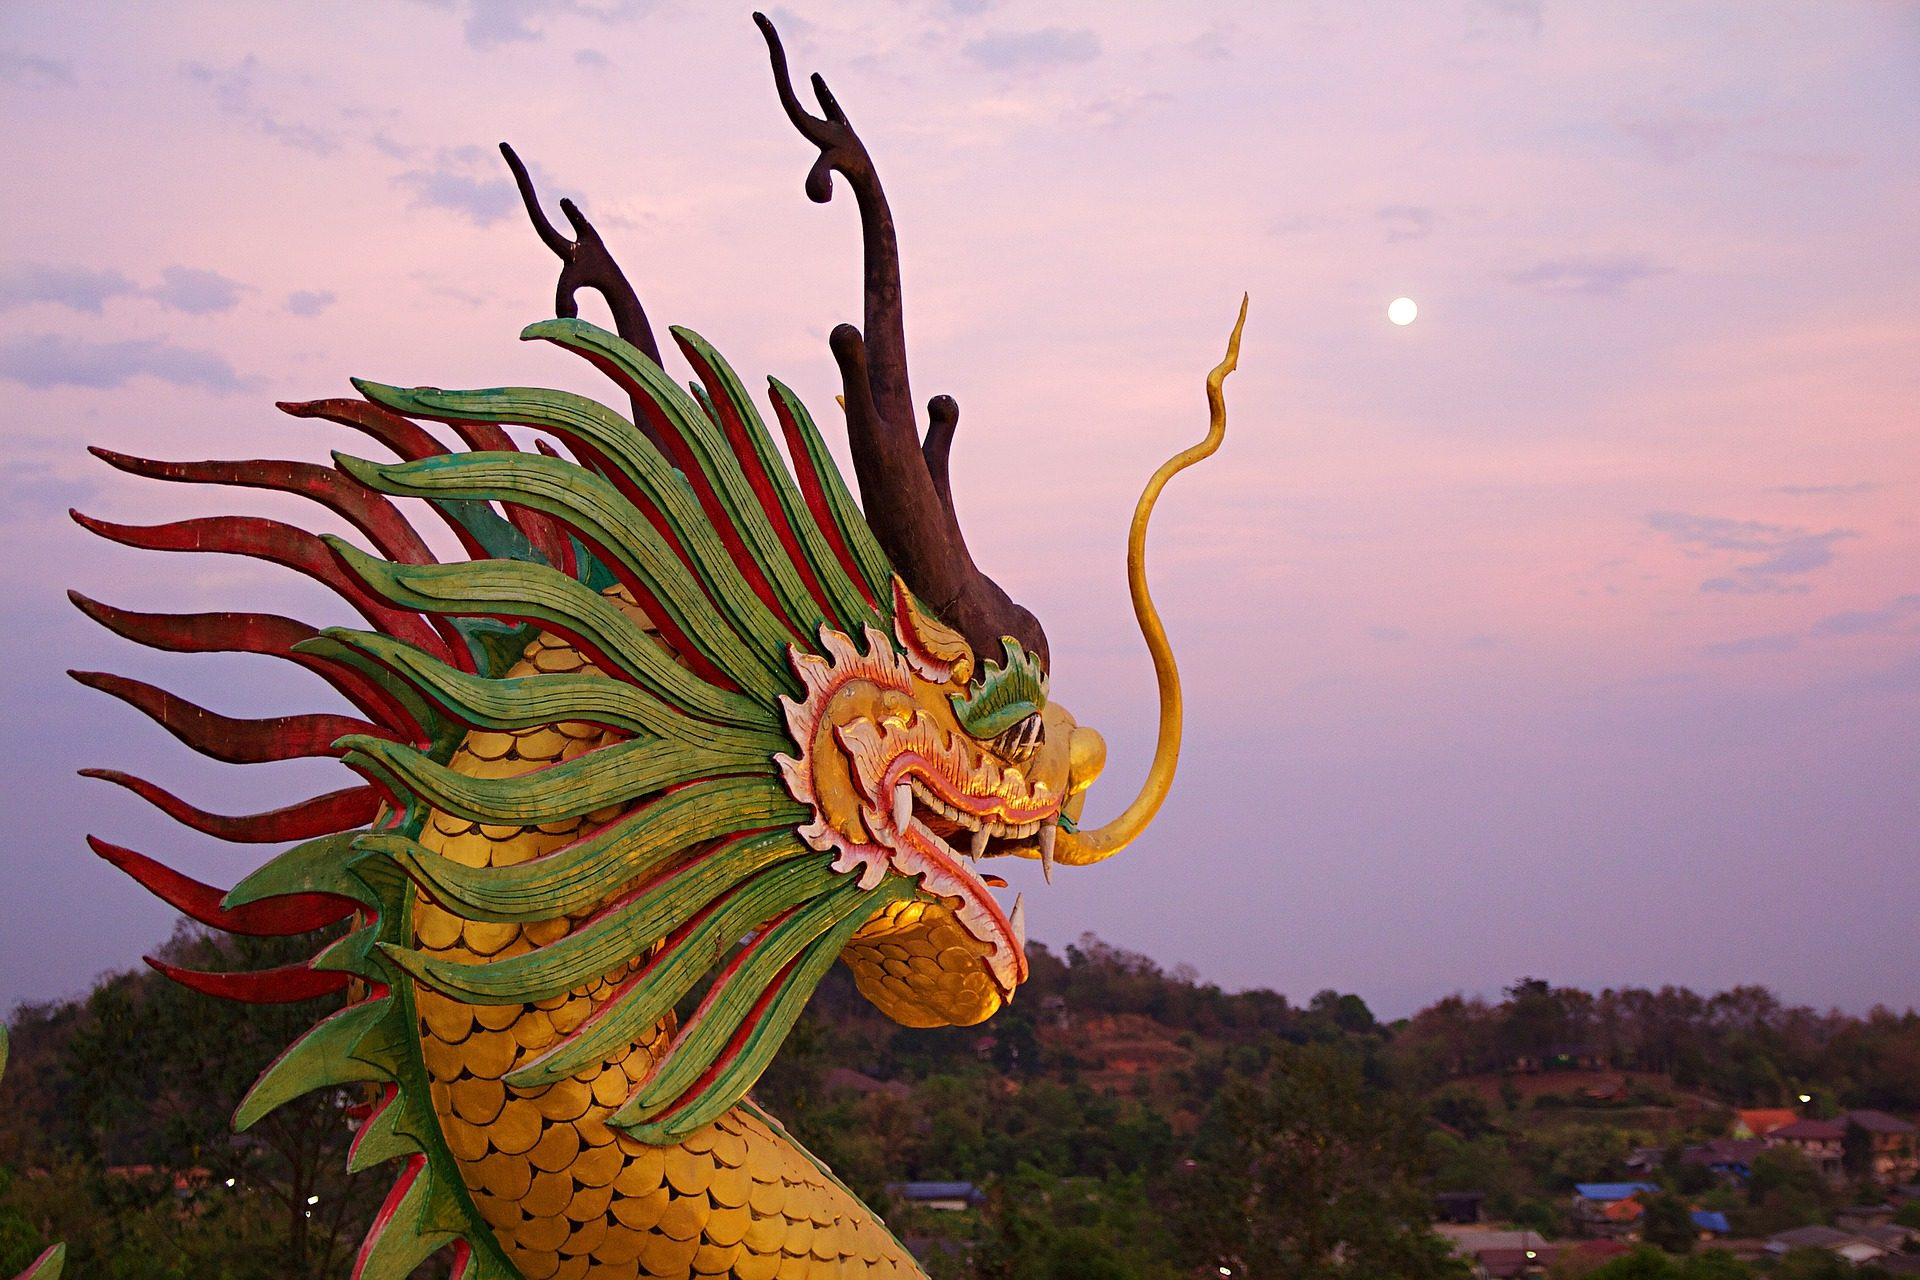 Дракон, Статуя, Рисунок, красочные, Таиланд - Обои HD - Профессор falken.com